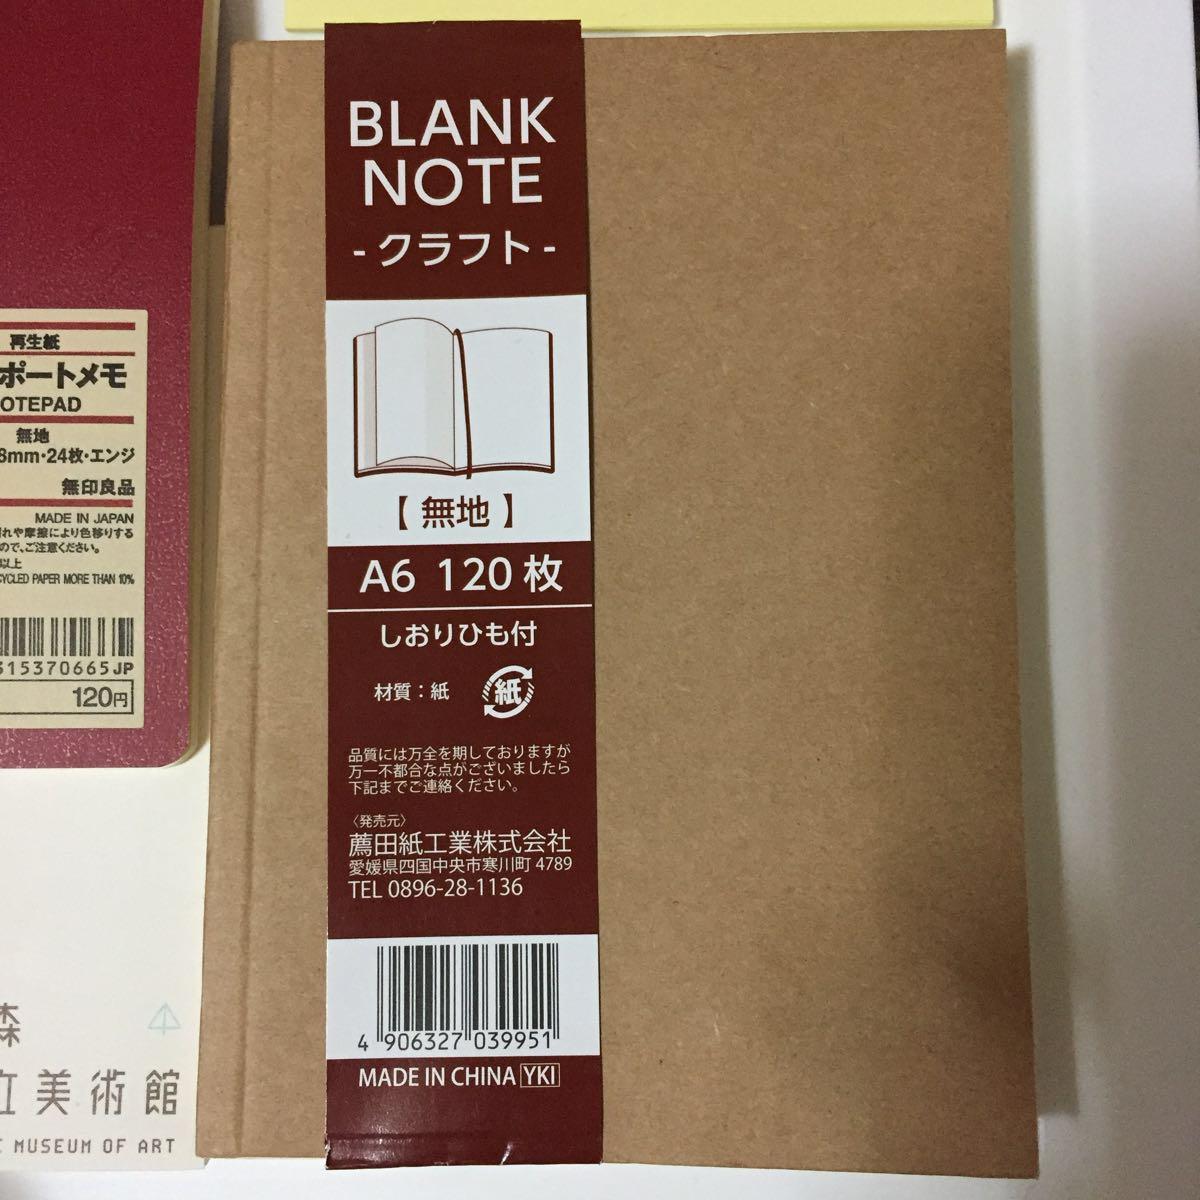 アイデアがいっぱい詰まってる. アイデアを書き留めるメモ帳は、無印良品 ...